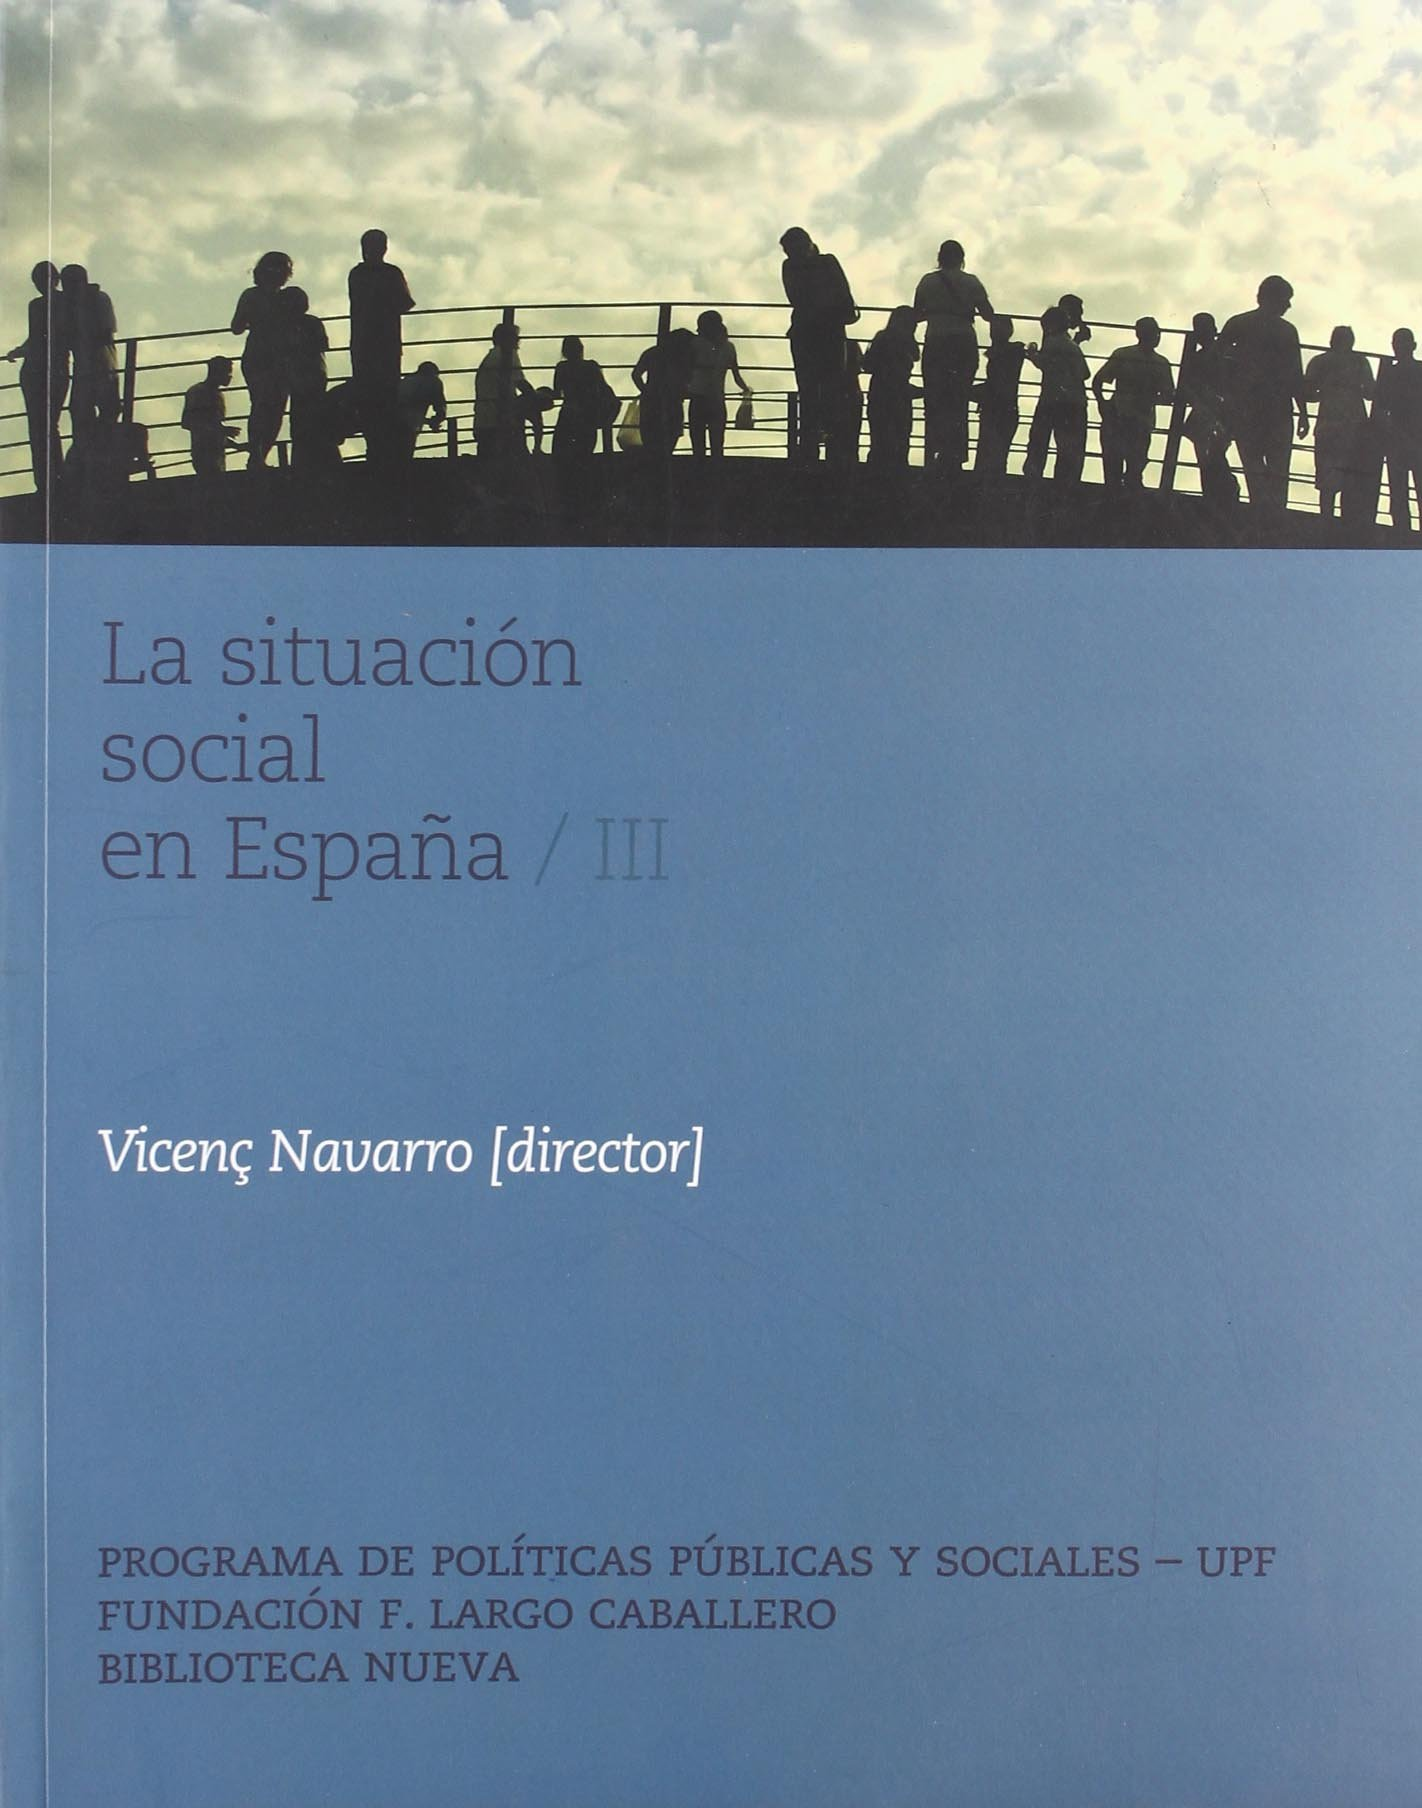 La situación social en España III : 3 Libros singulares: Amazon.es: Navarro López, Vicenç: Libros